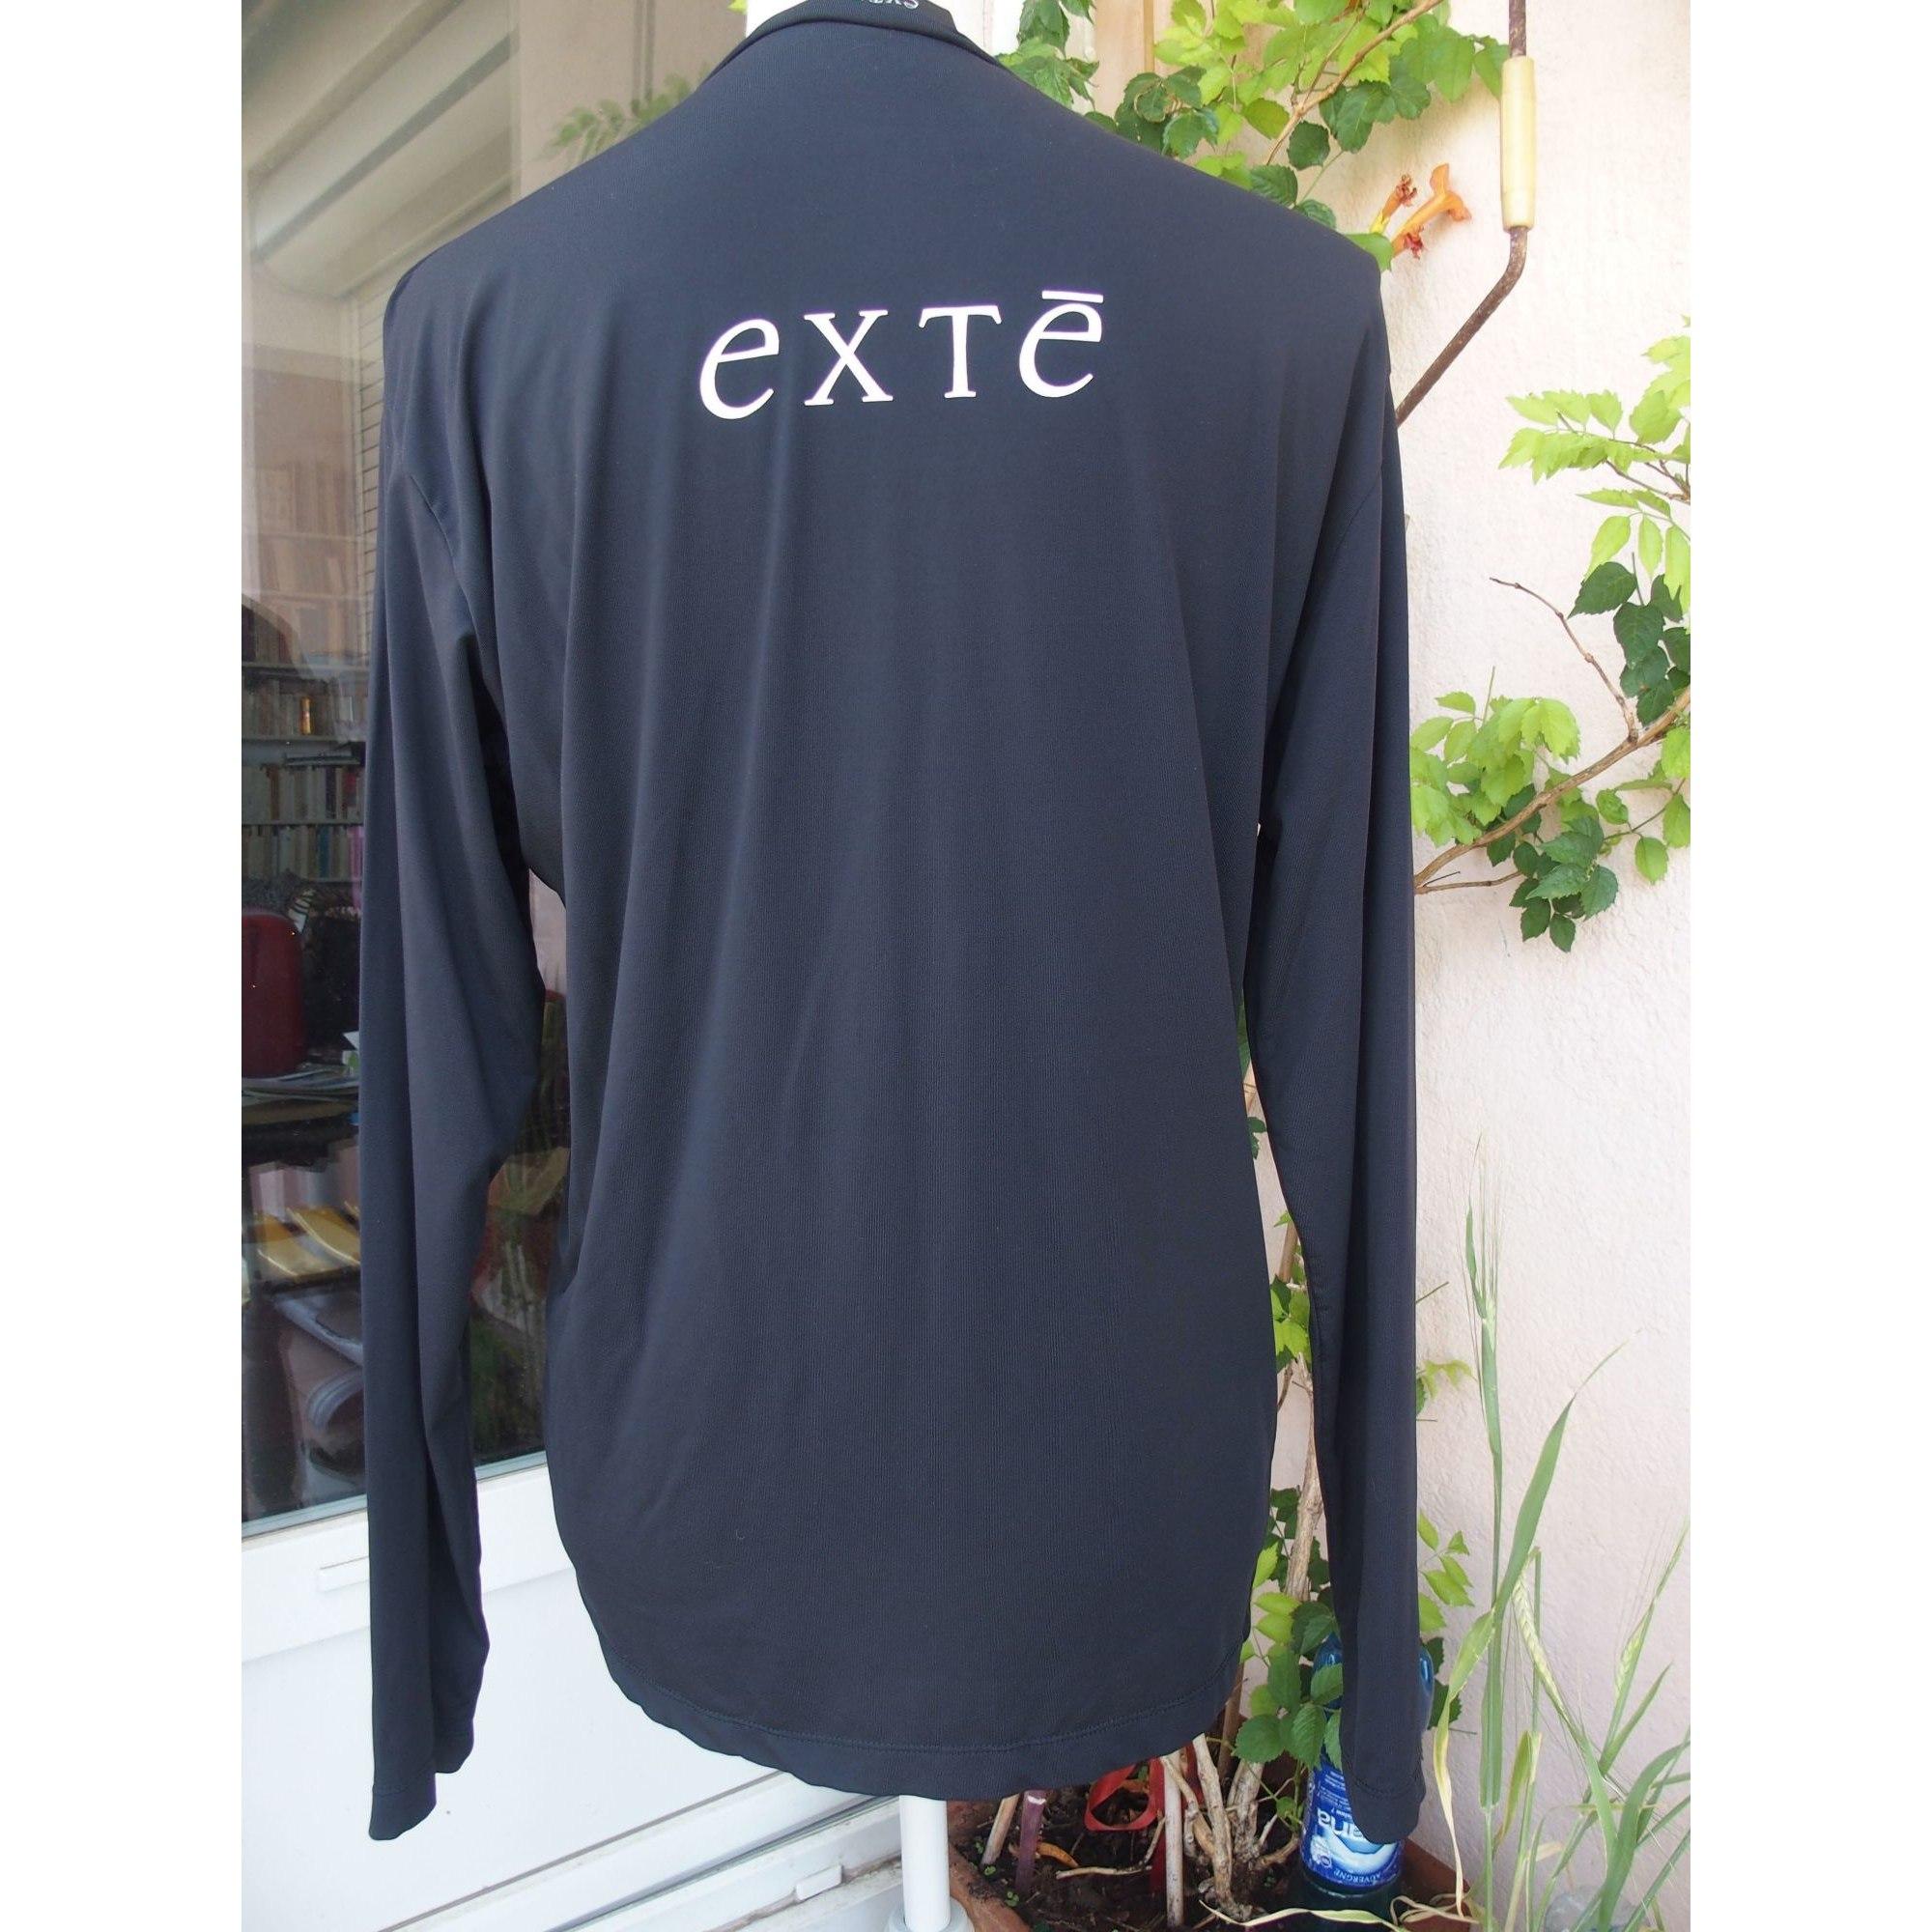 Tee-shirt EXTE Noir